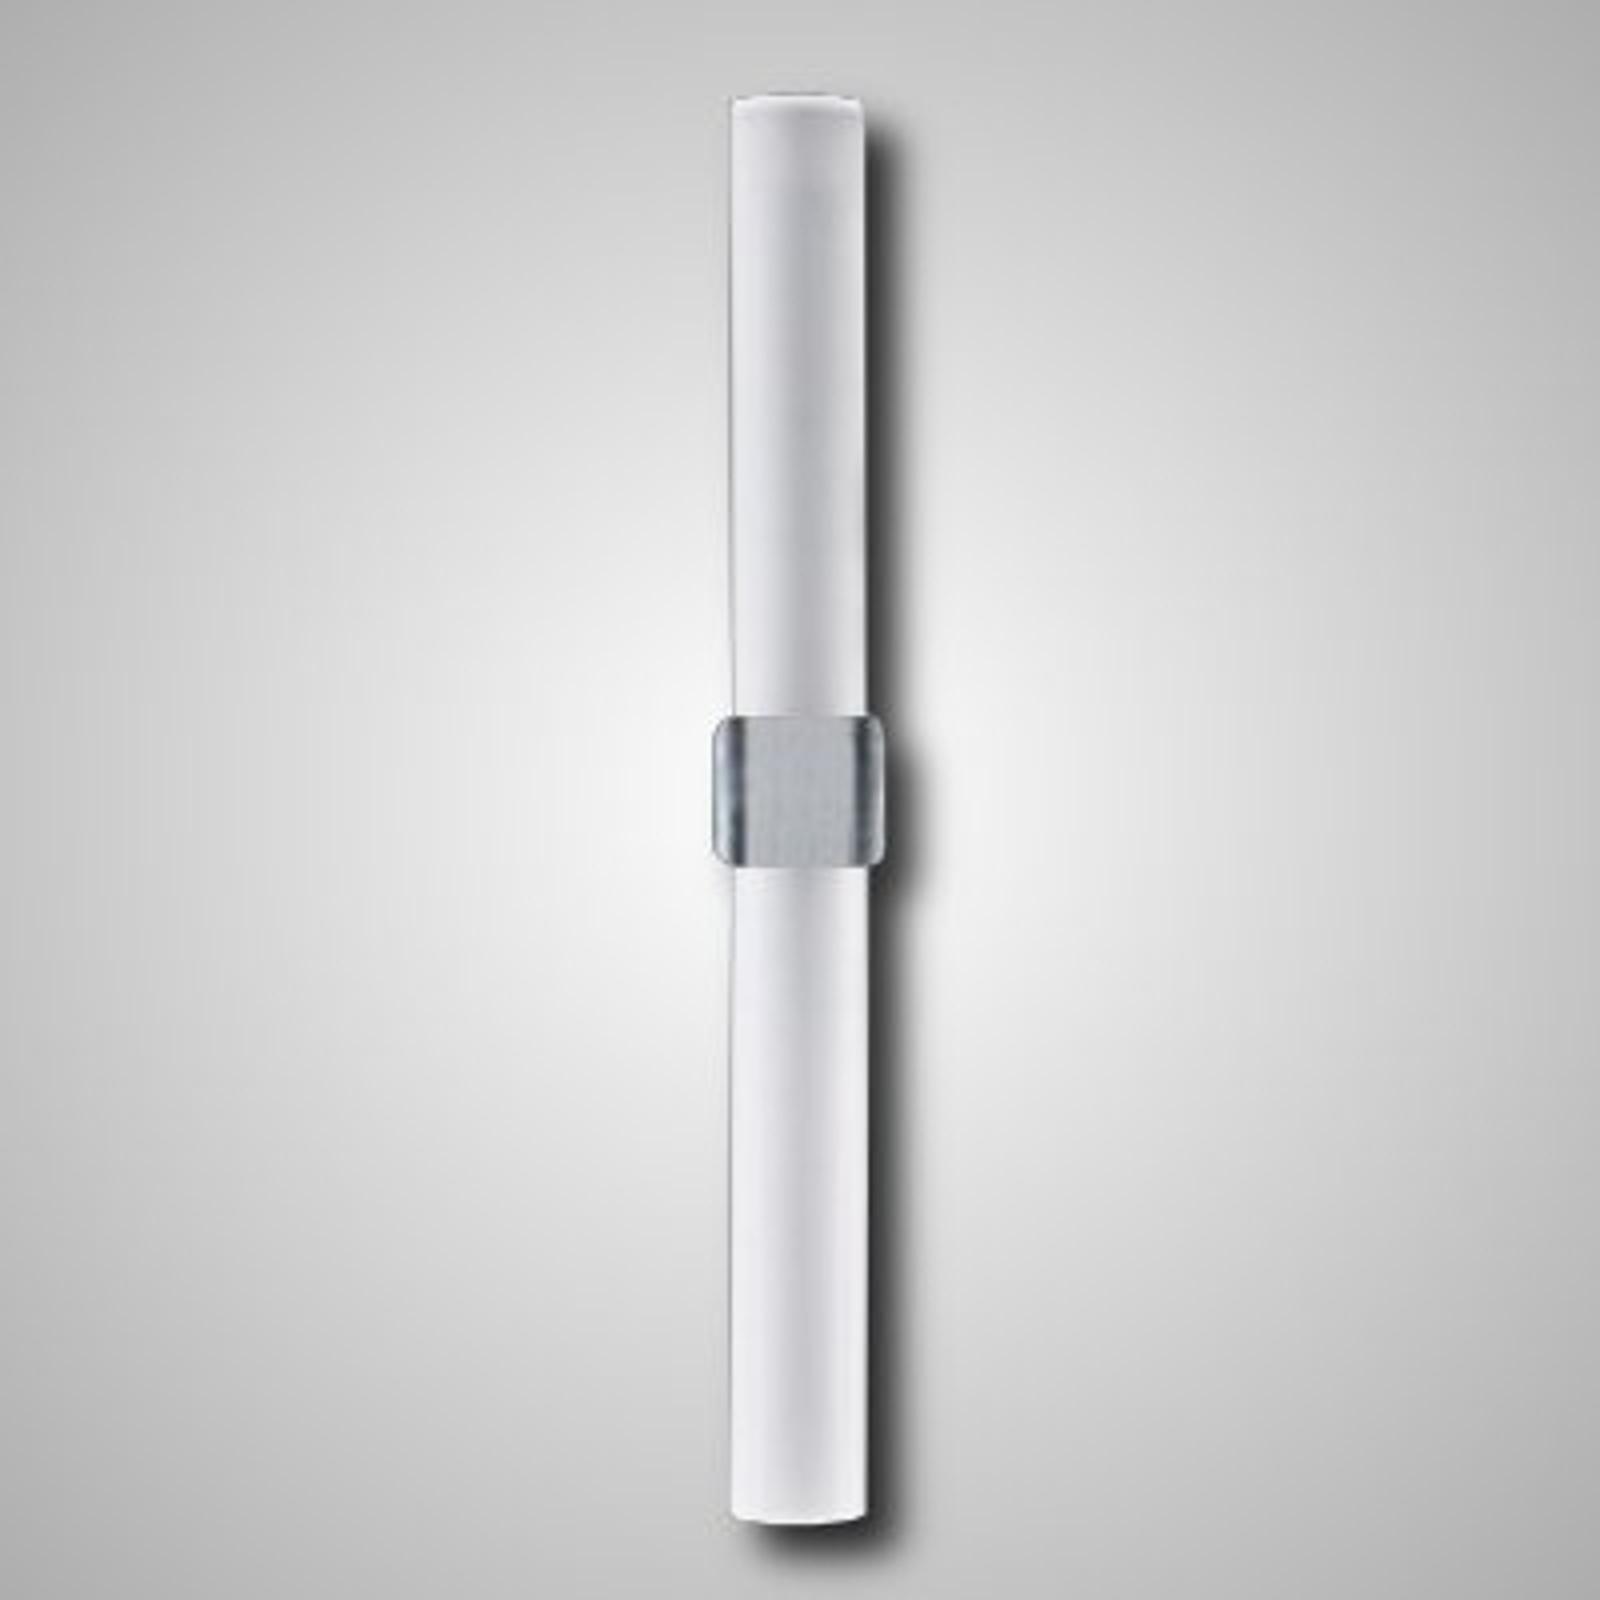 Glazen wandlamp Stick, voor de badkamer